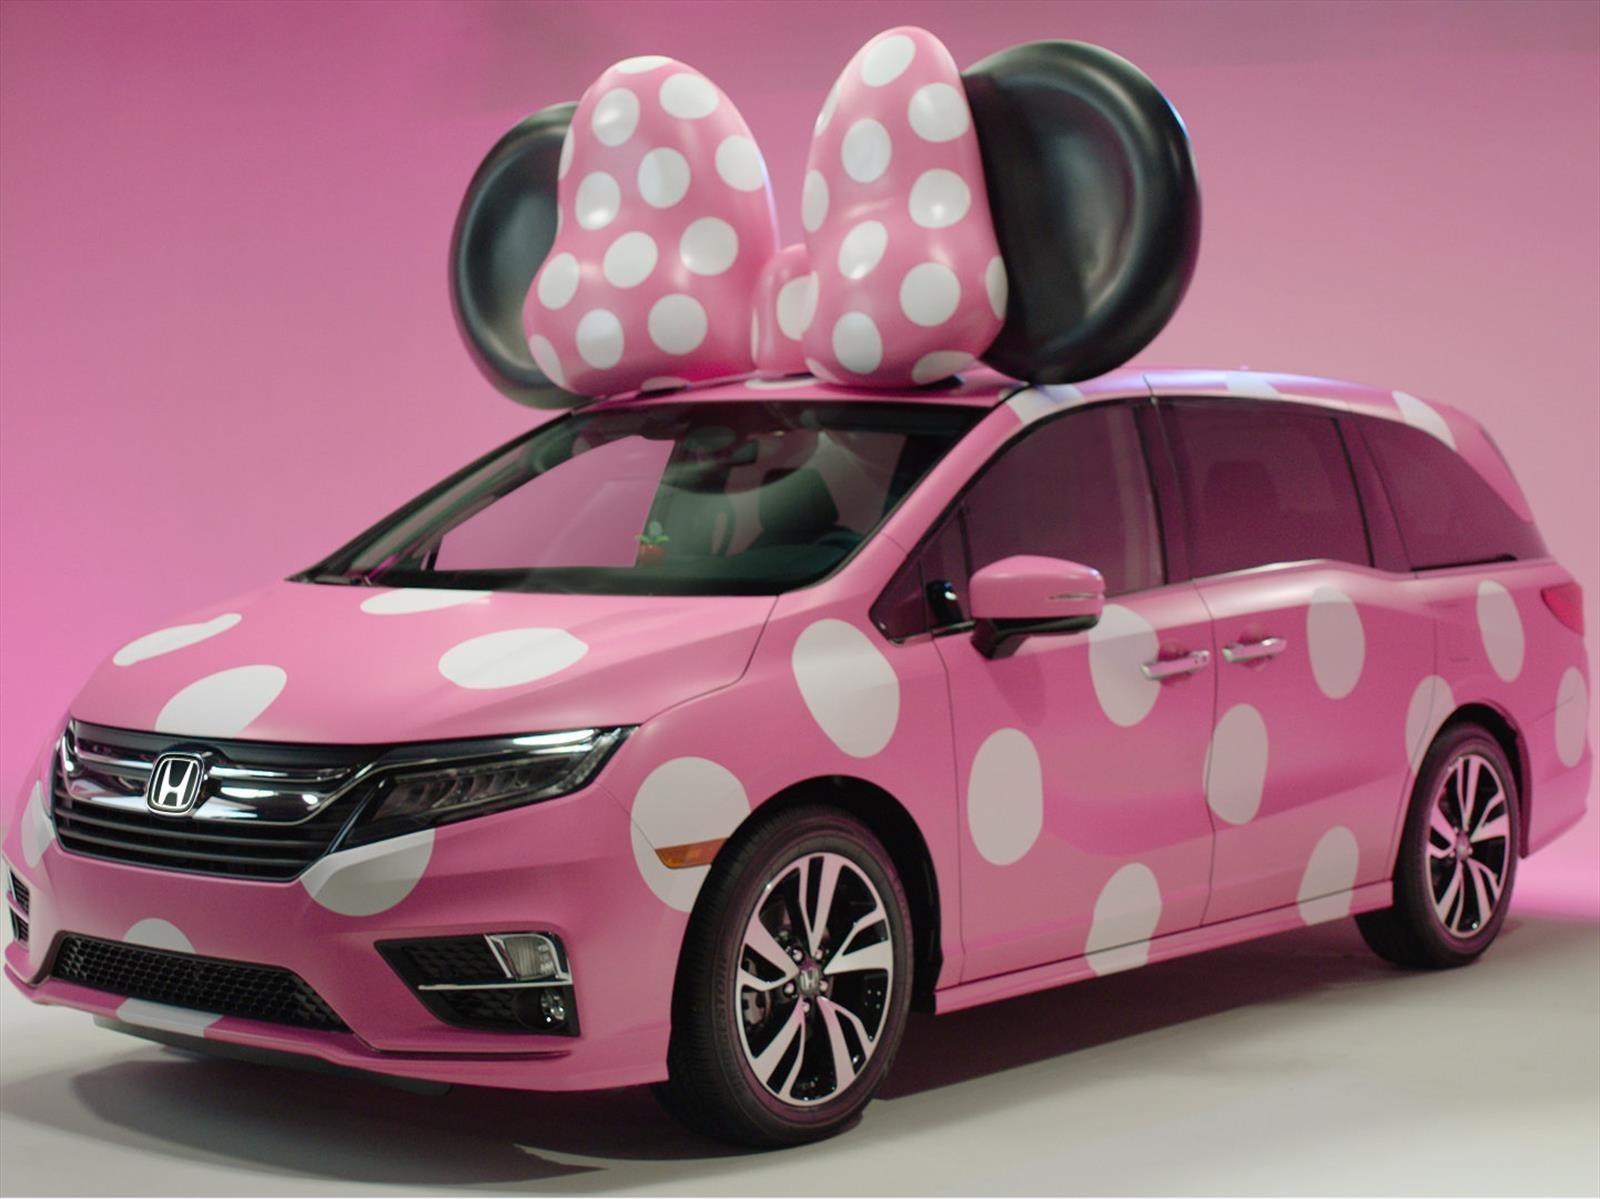 Conocé a la Minnie Van, un Honda Odyssey inspirado en Disney